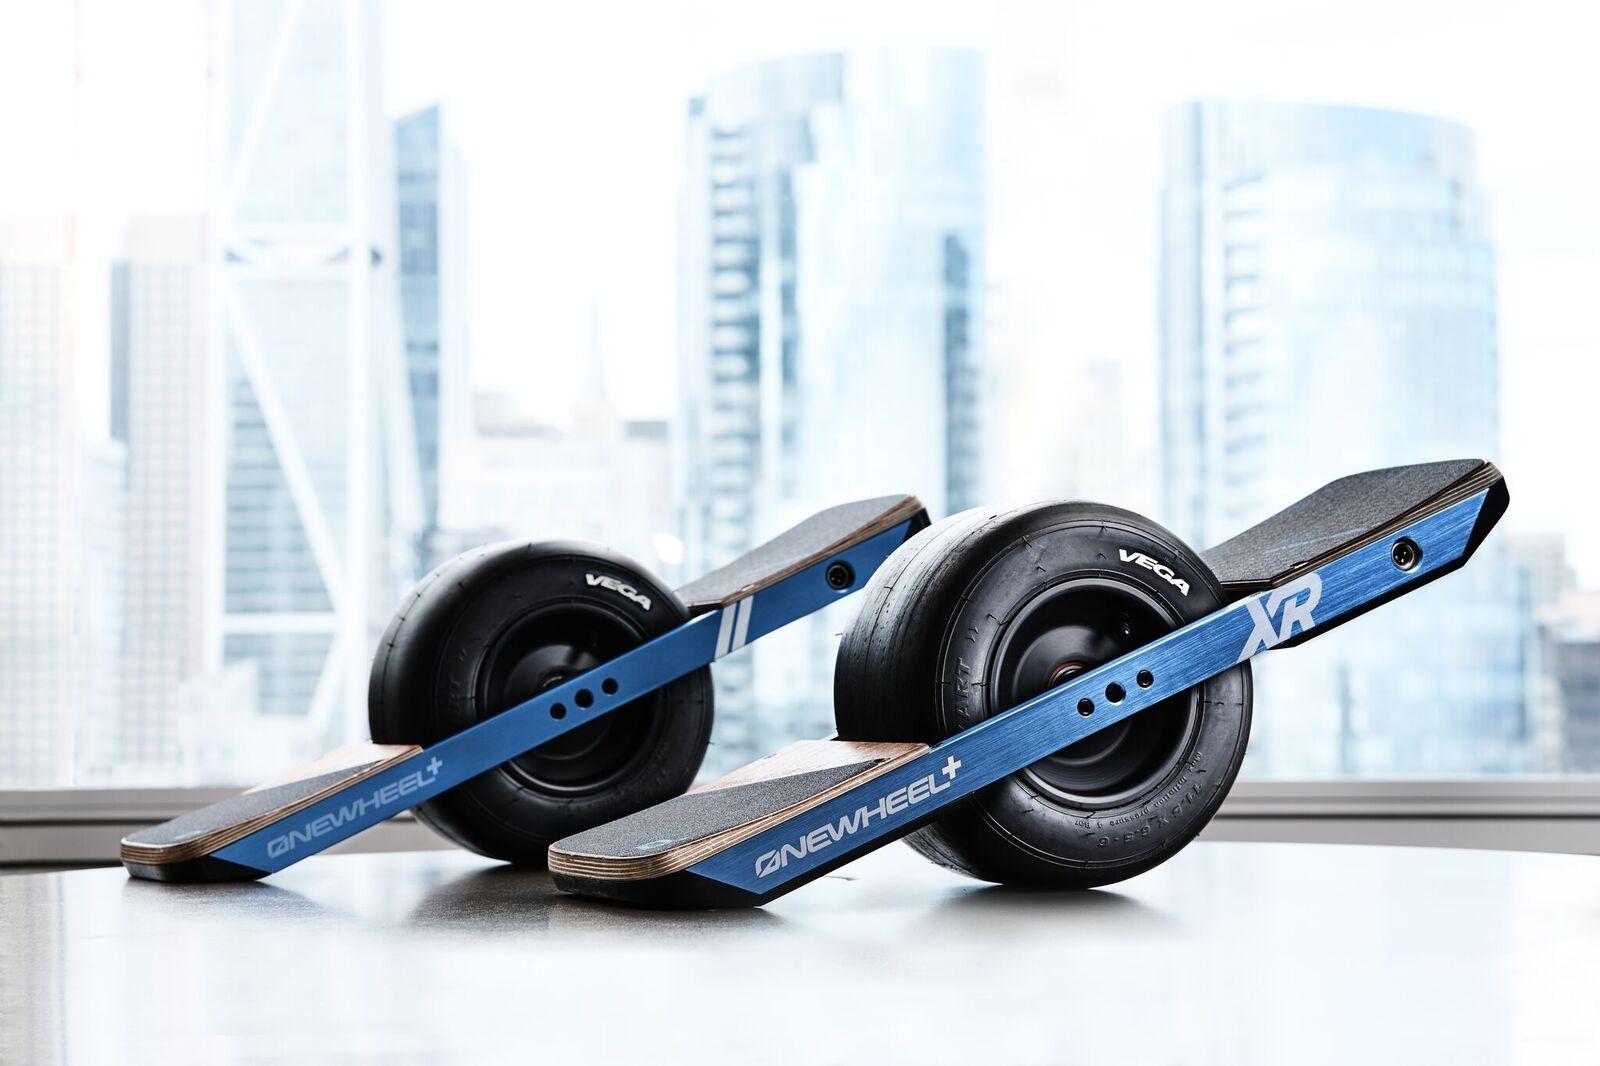 Onewheel + XR